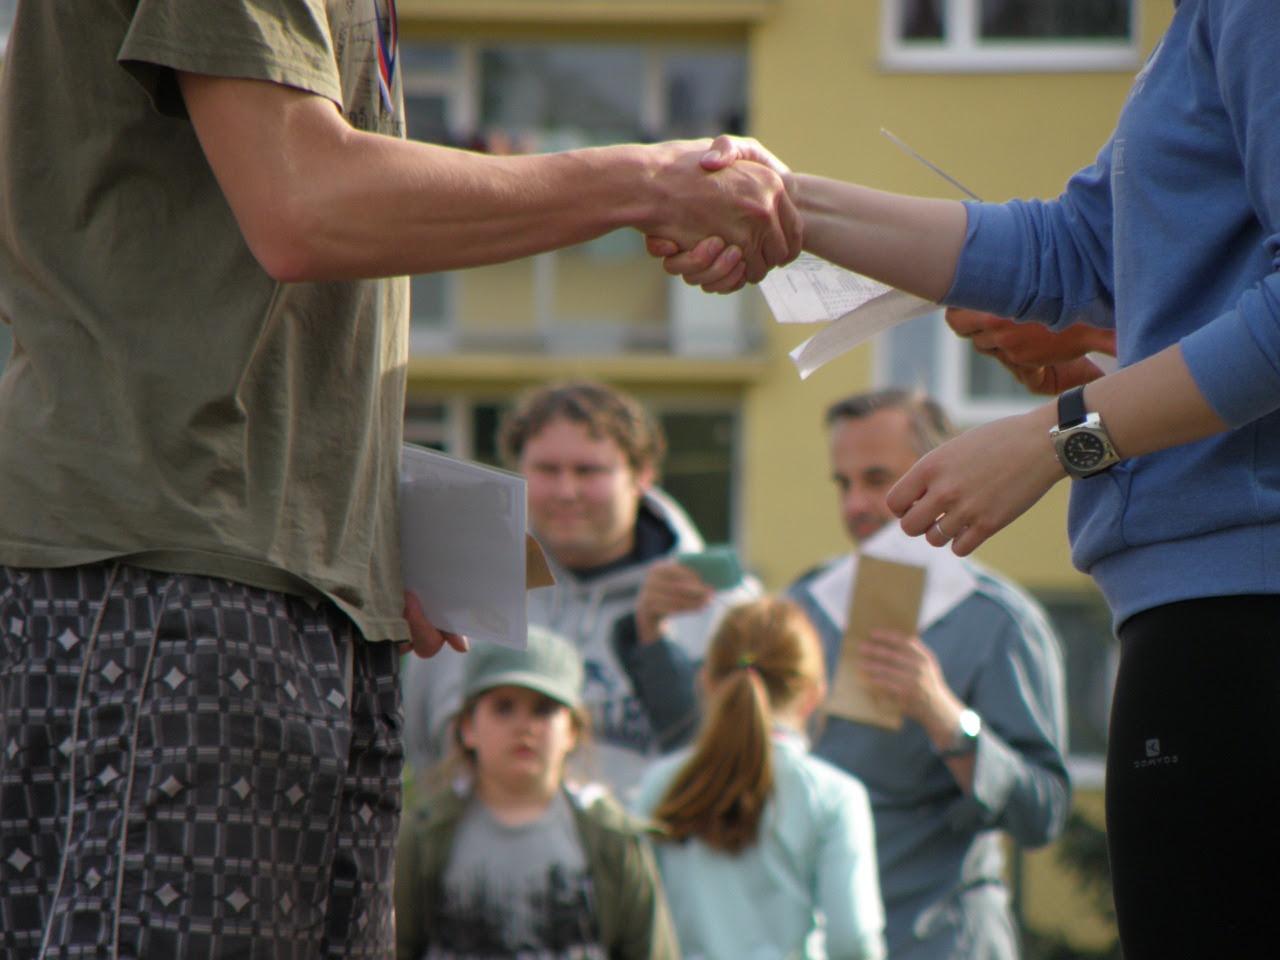 handshakes-930181_1280.jpg